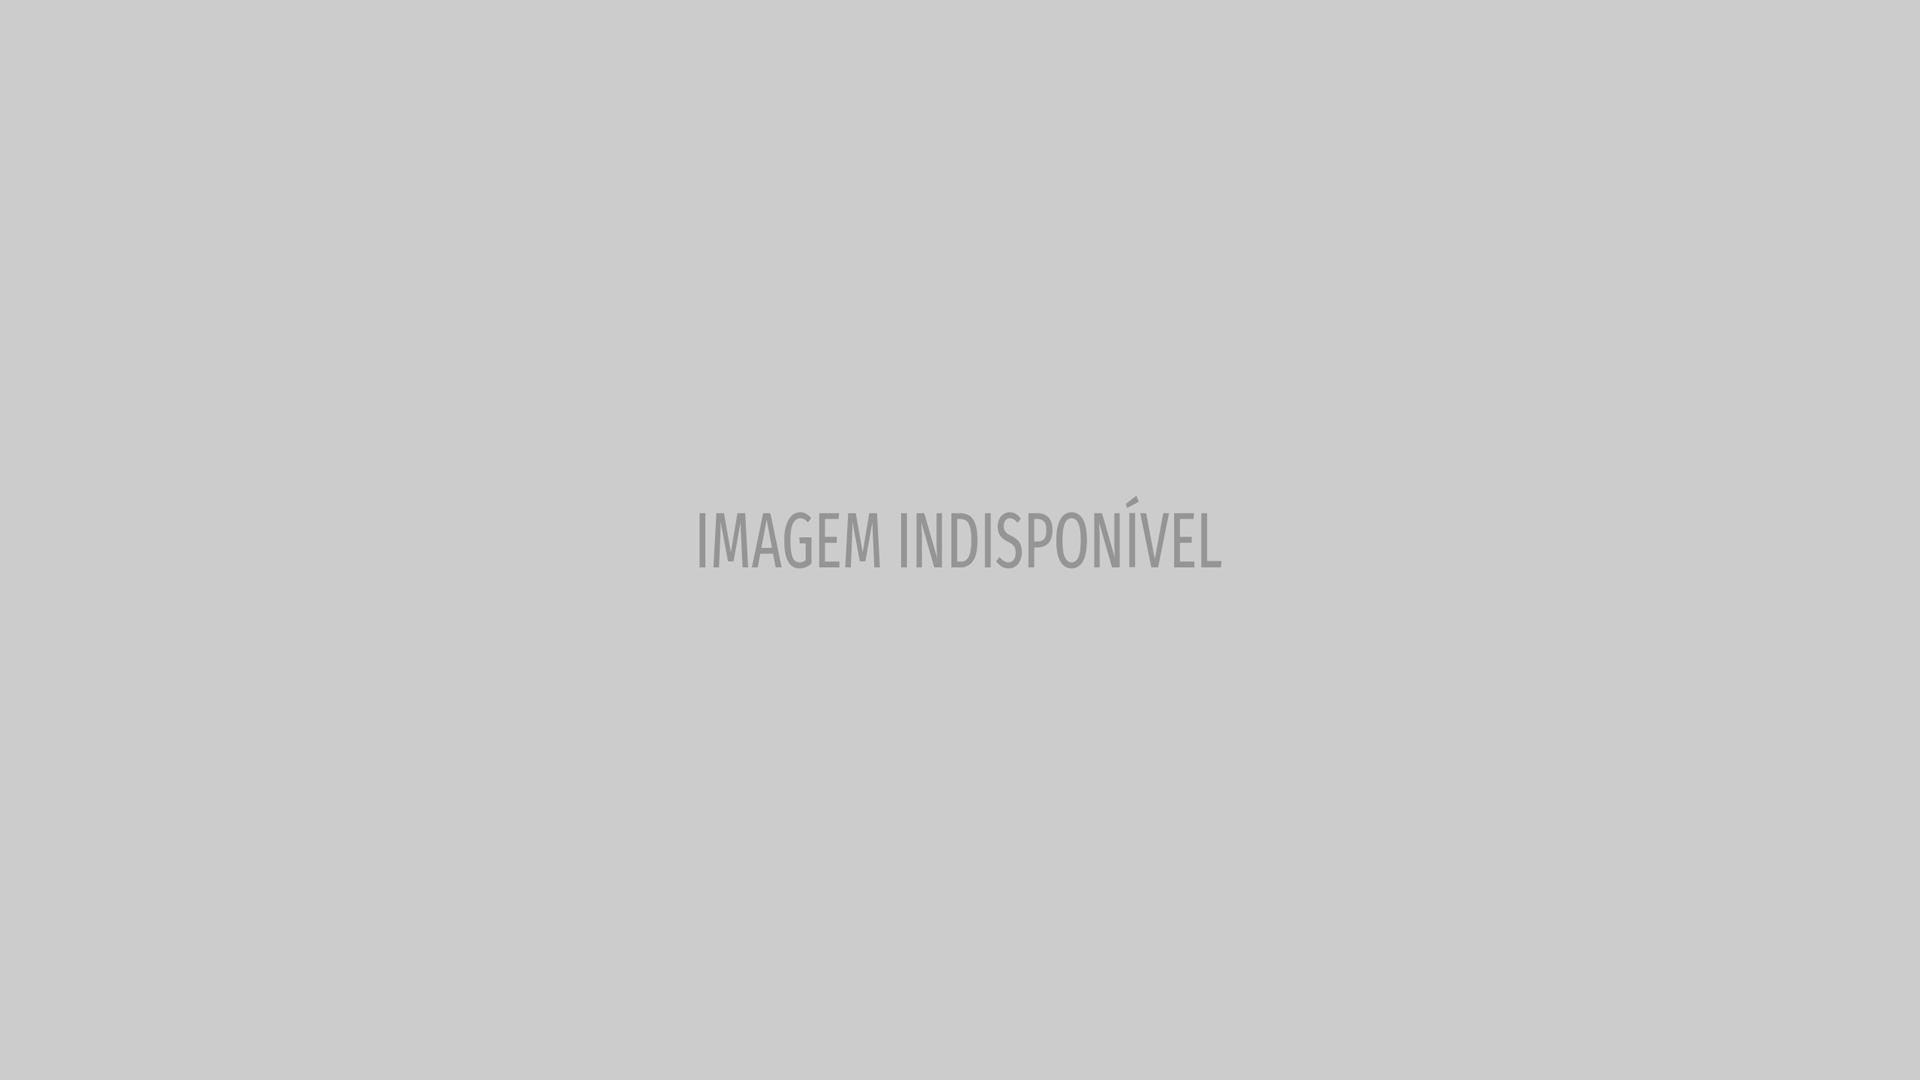 Gabriela Duarte fala da ausência da mãe na infância: 'Muita saudade'